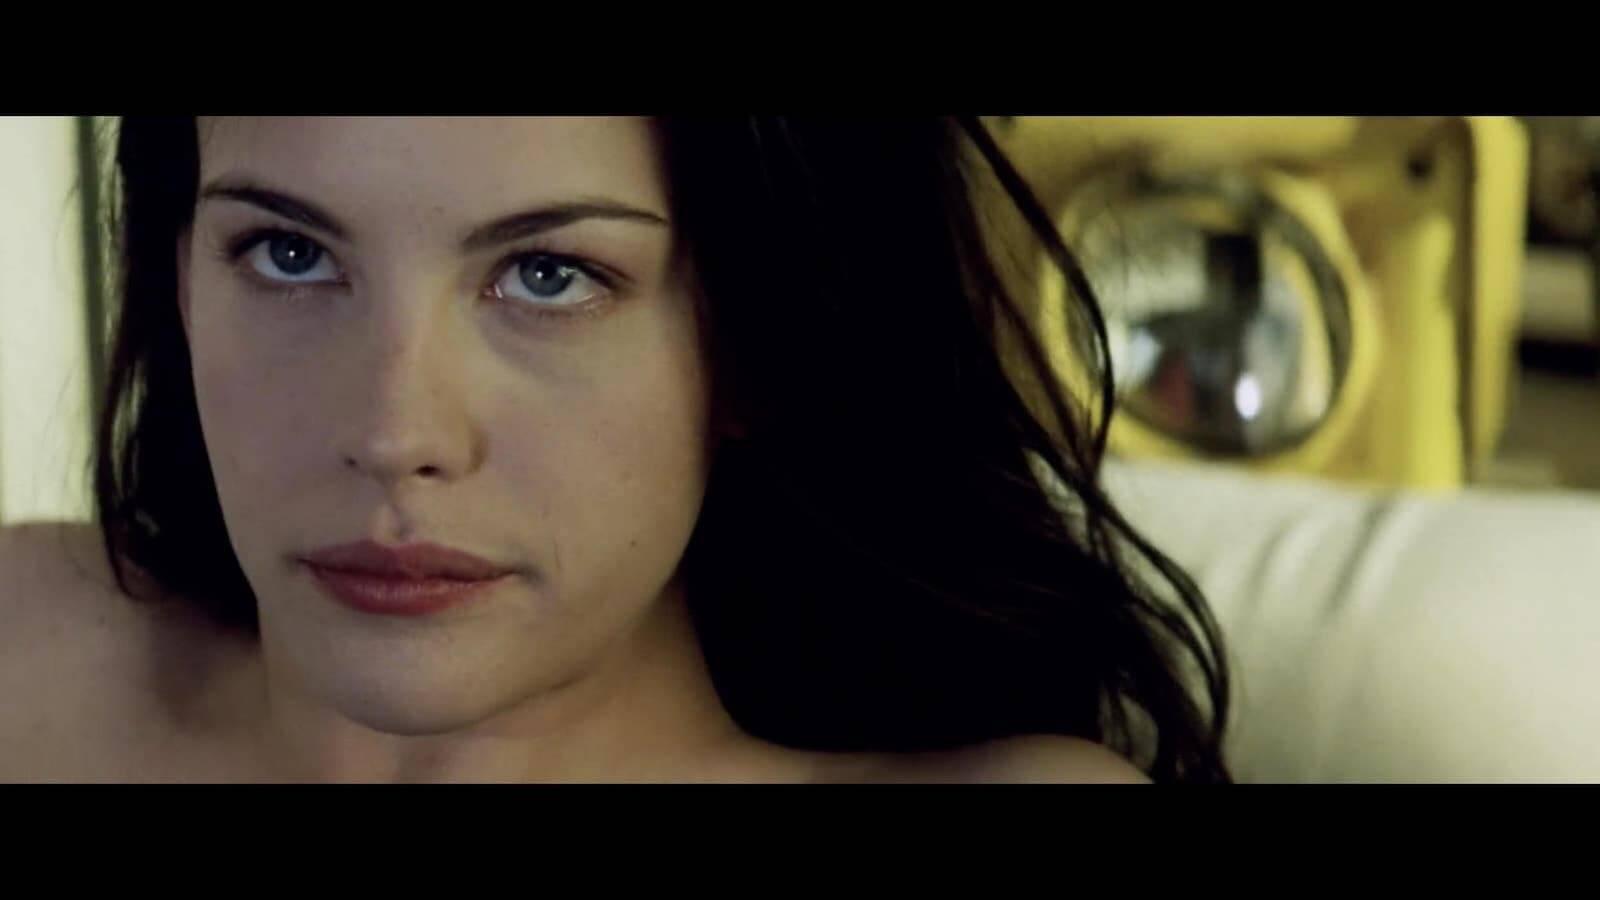 A Filmmaker's Guide to Michael Bay - Armageddon - Liv Tyler - StudioBinder Online Shot List Software